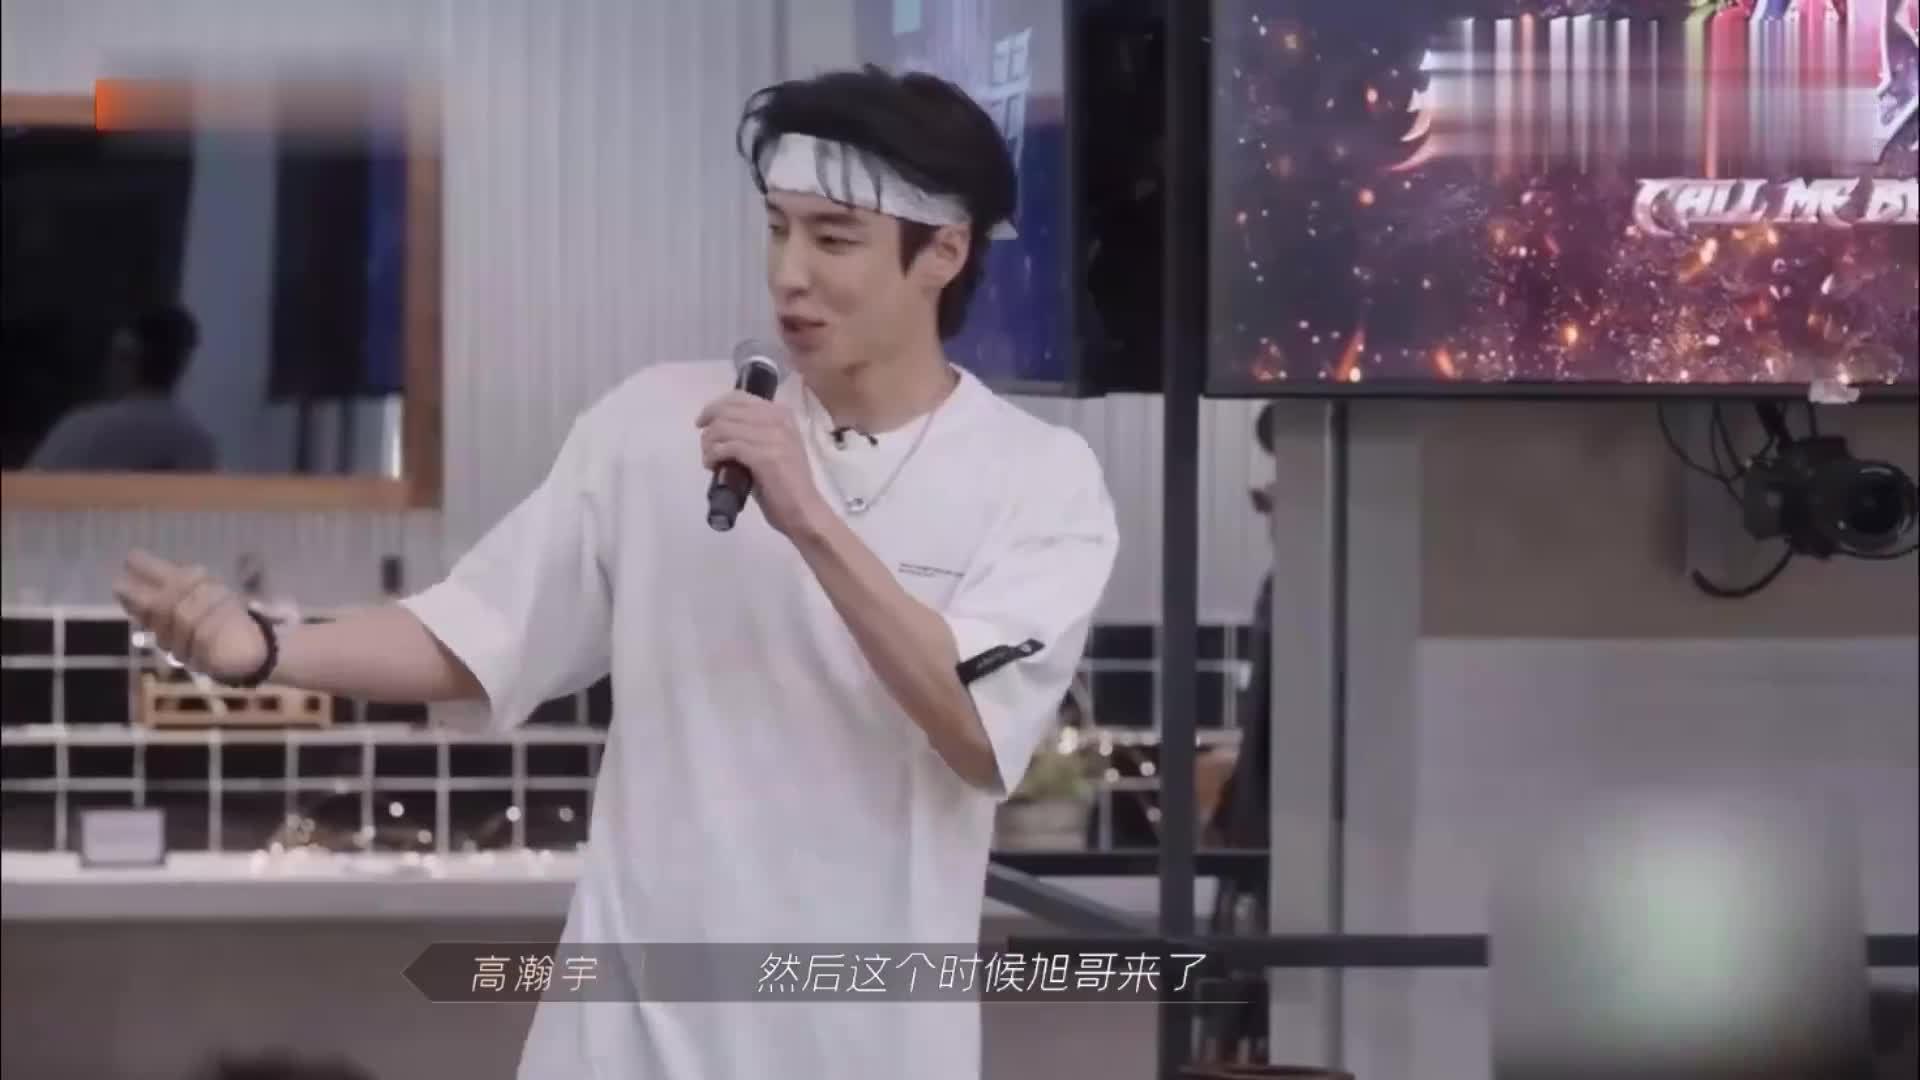 """高瀚宇展示""""民间绝活"""" 神模仿其他哥哥名场面"""